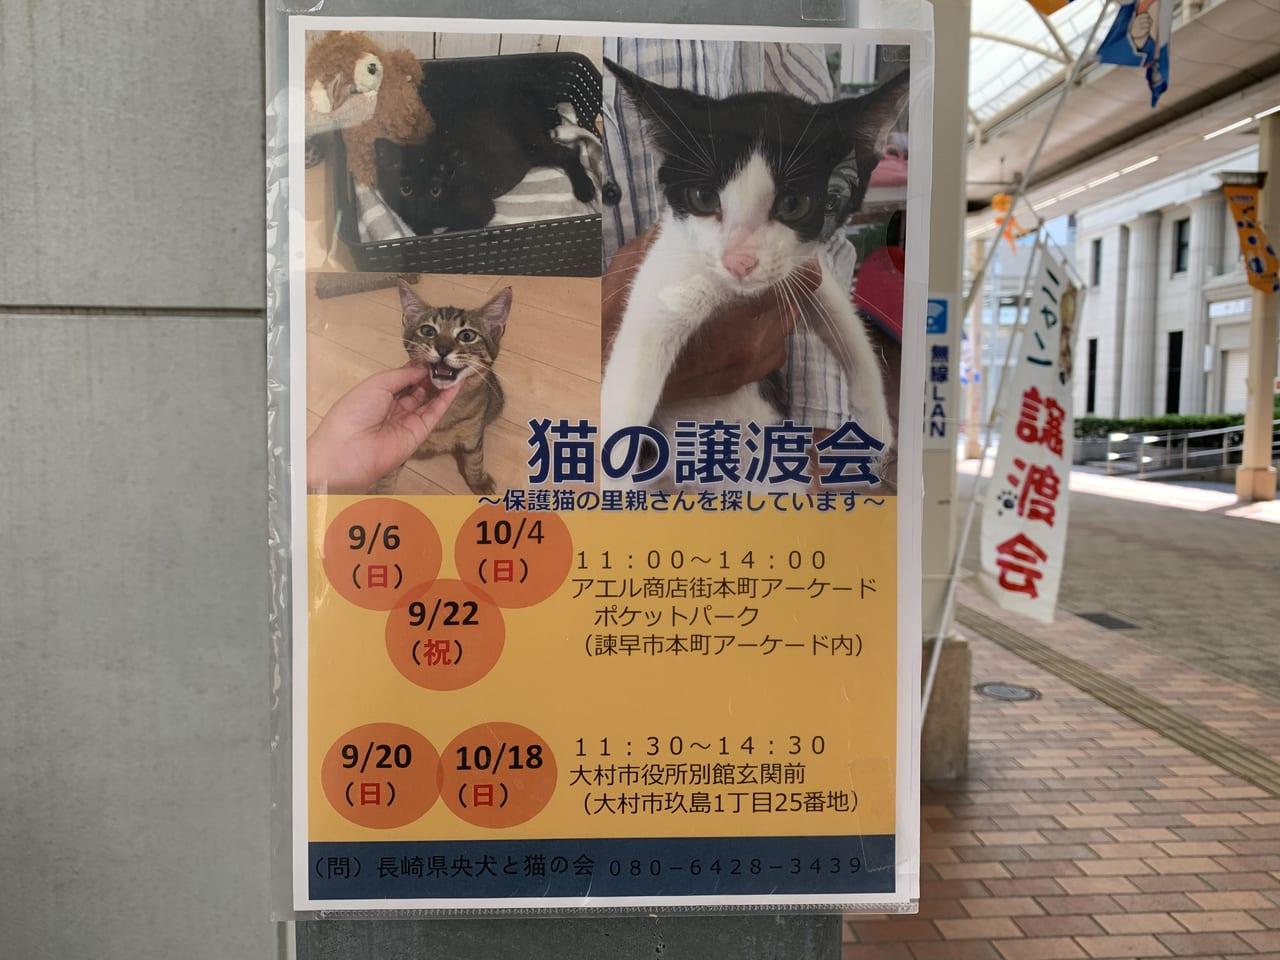 条件 引き取り 保健所 猫 保健所で犬を引き取りする条件は?高齢者や初心者、室外で飼うのは?